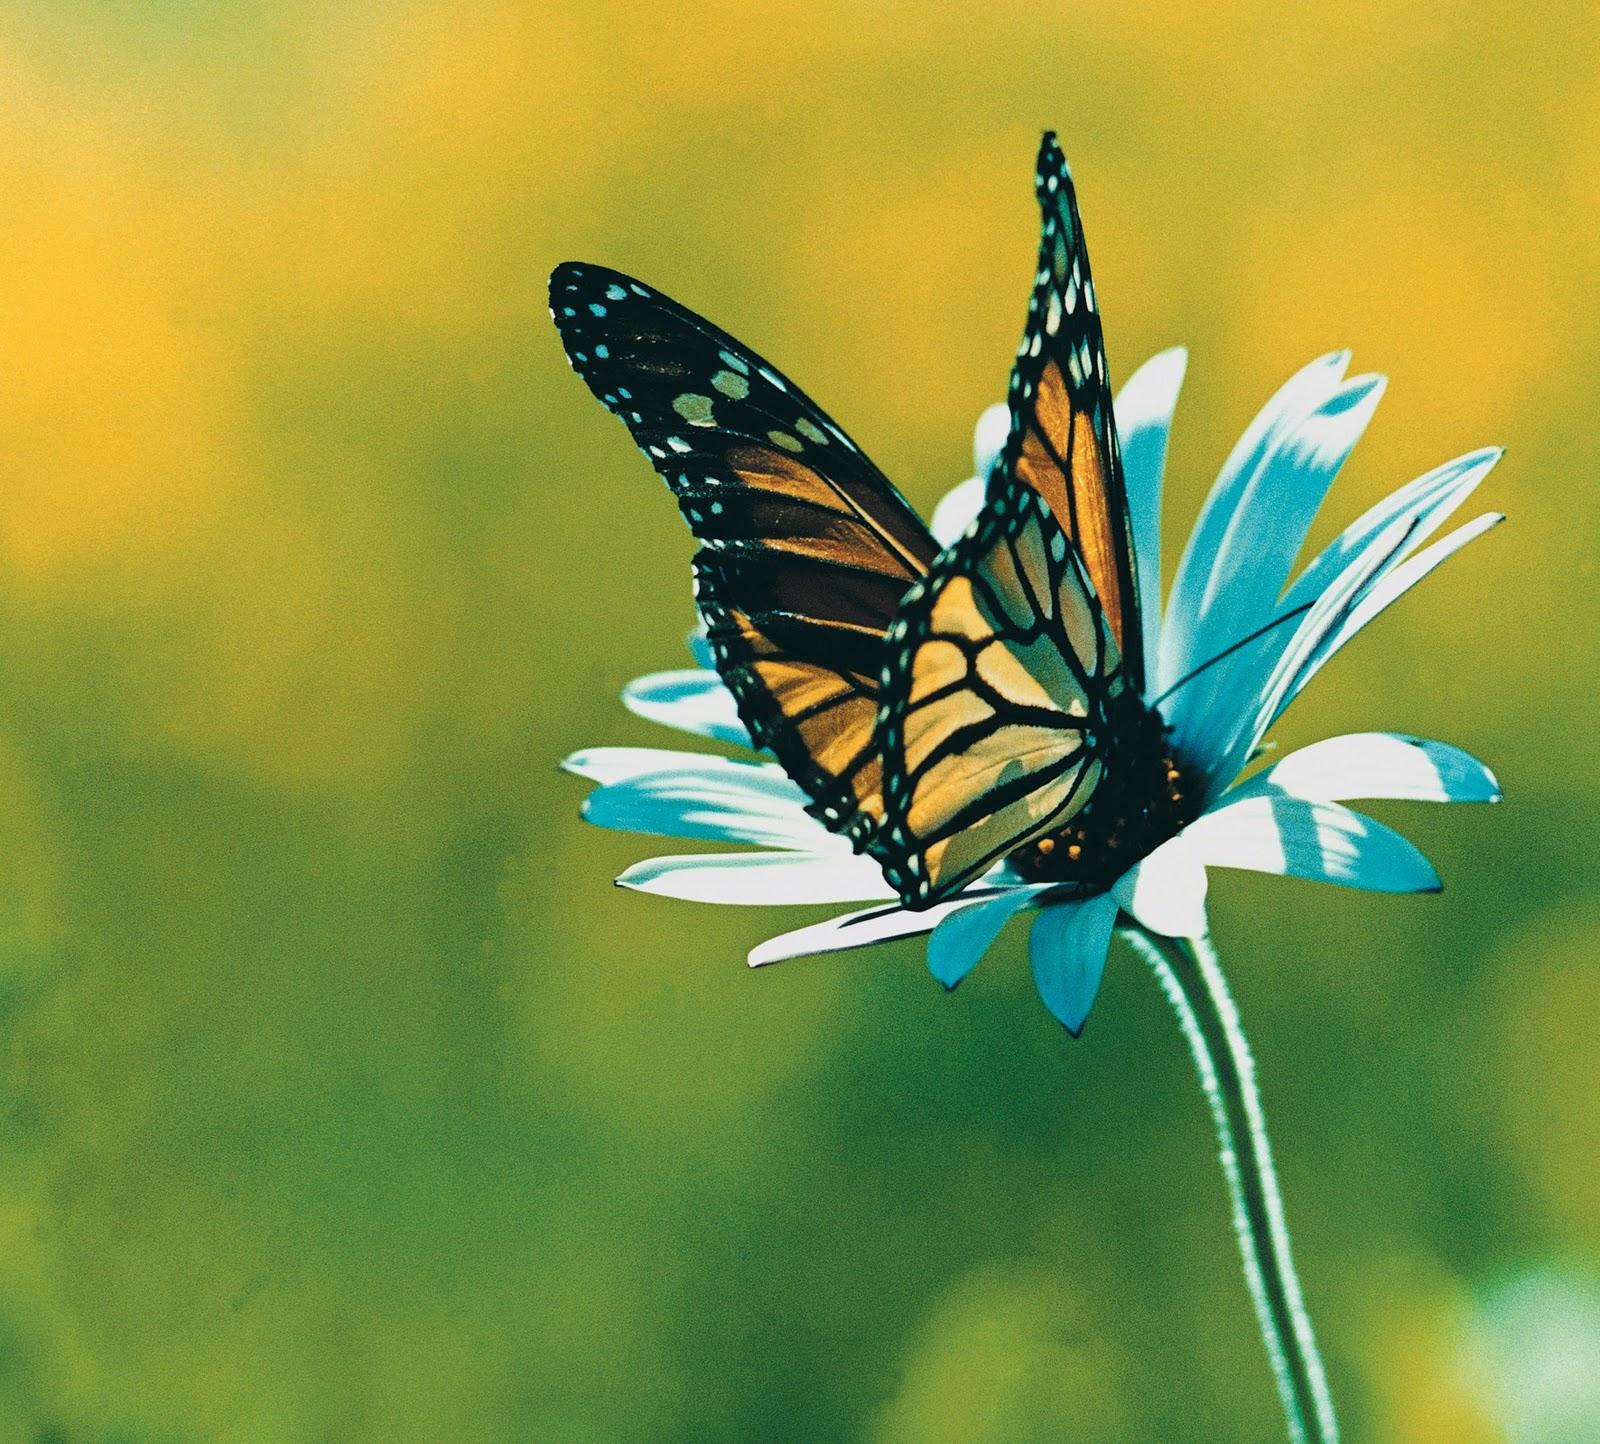 Farfalla Pratolina - Le meraviglie della natura